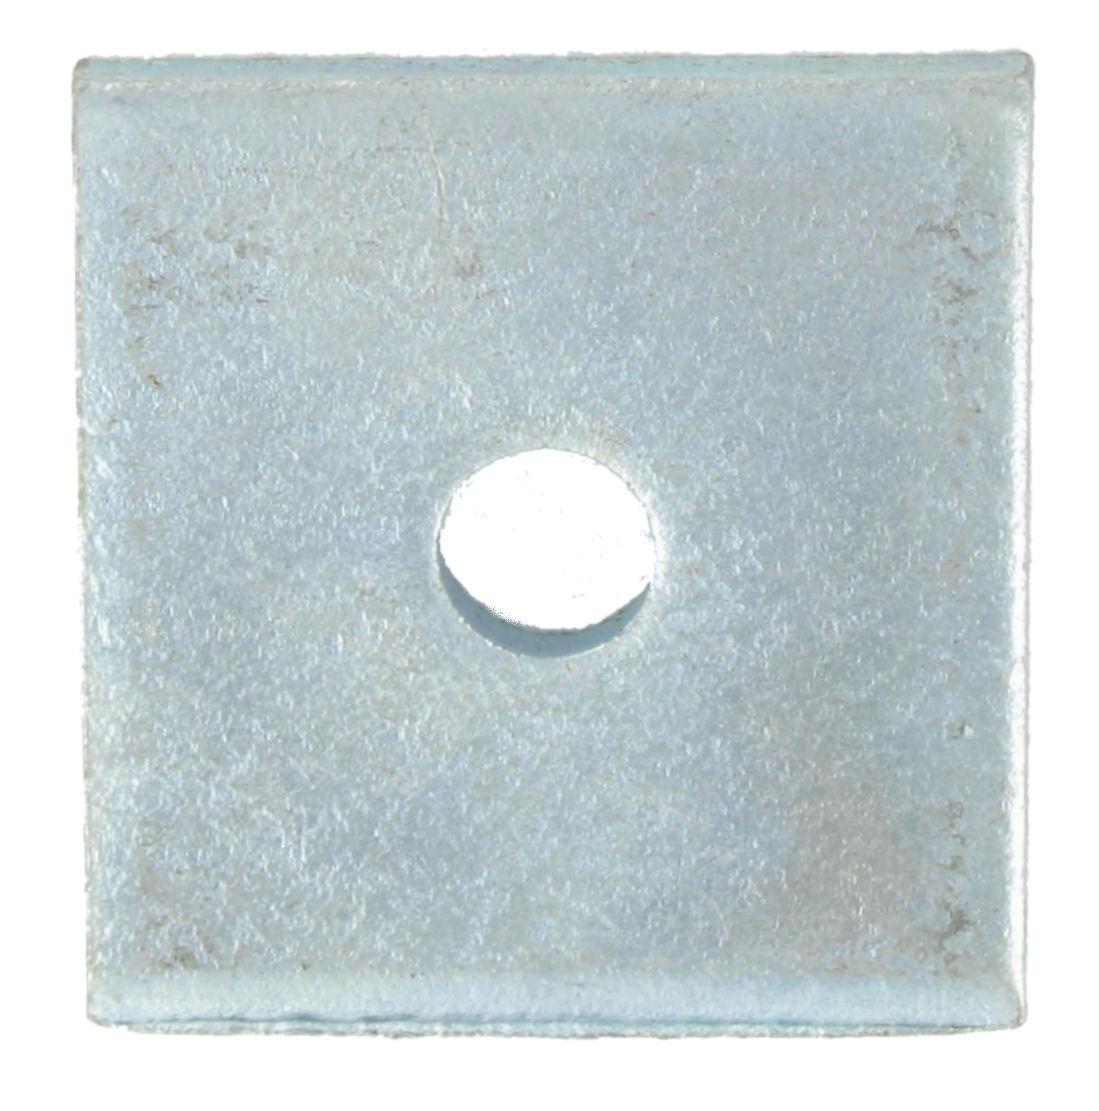 Deligo ISQ8 Square Plate Washer M8x3mm